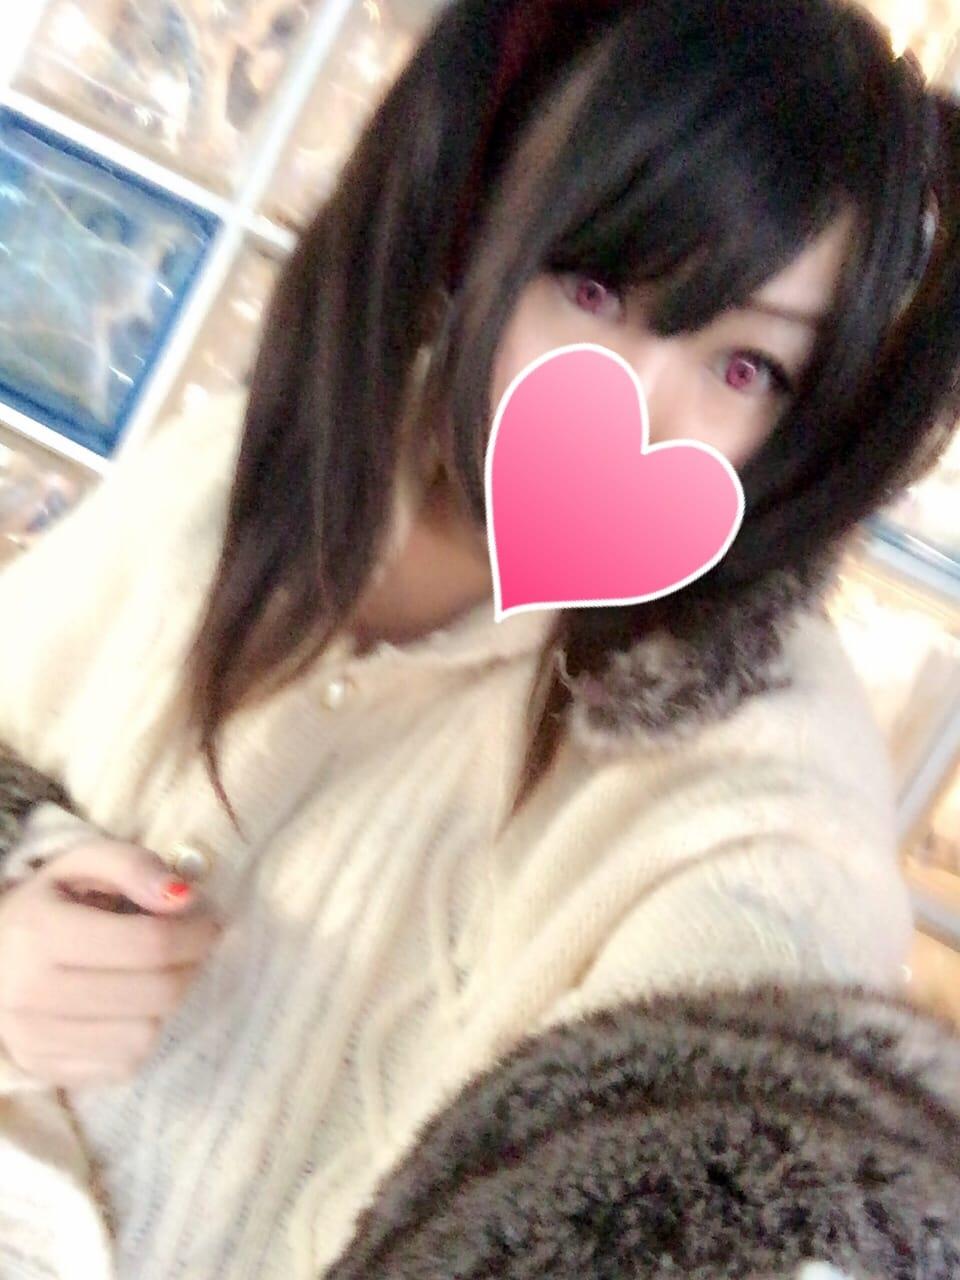 「こんにちわ」12/27(12/27) 08:39 | わかな☆爆乳Hcupの写メ・風俗動画